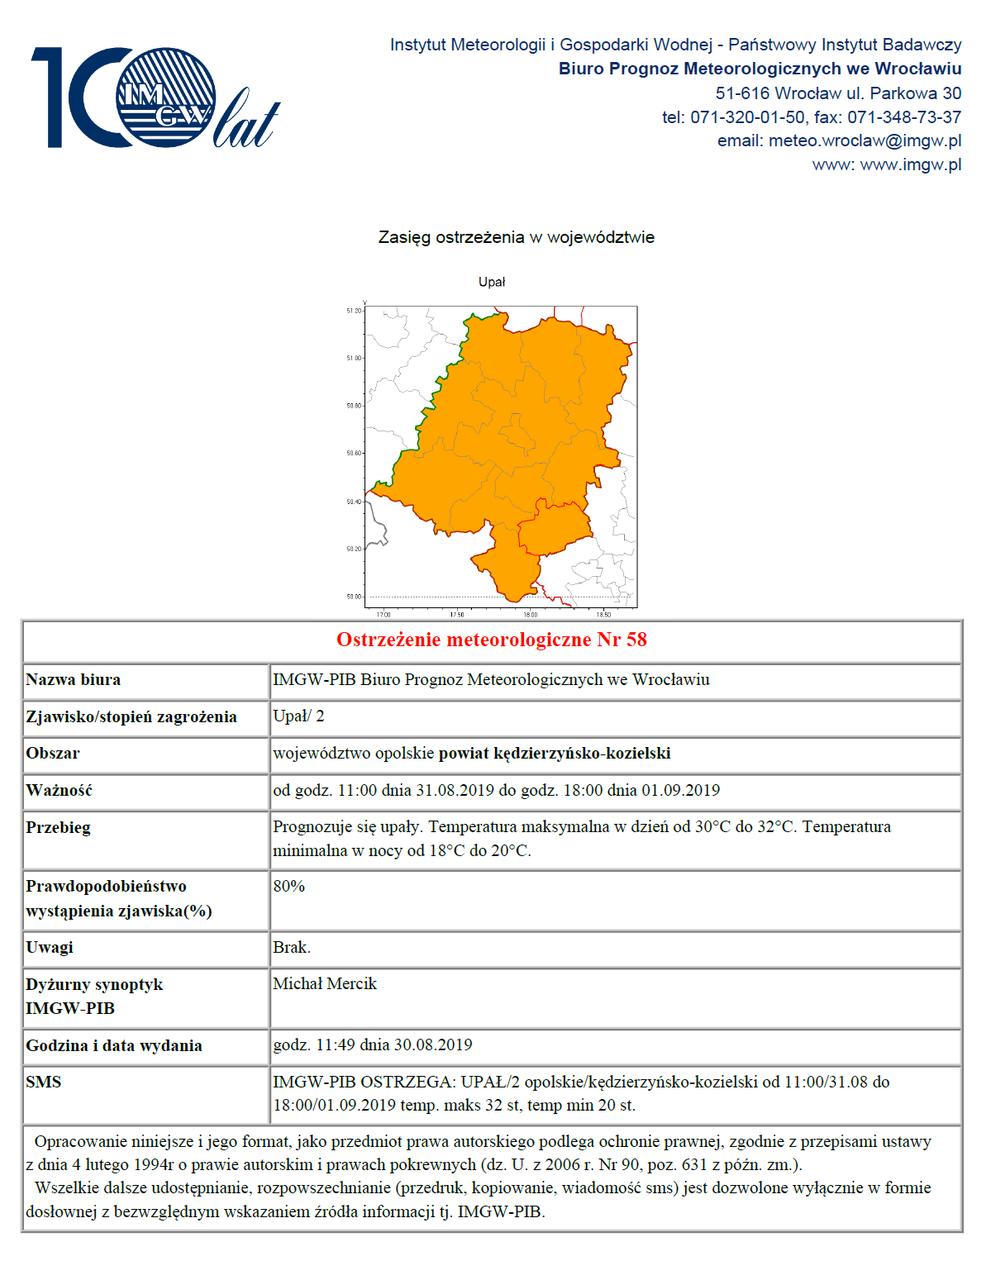 Ostrzeżenie meteorologiczne nr 58 z 30.08.2019.png